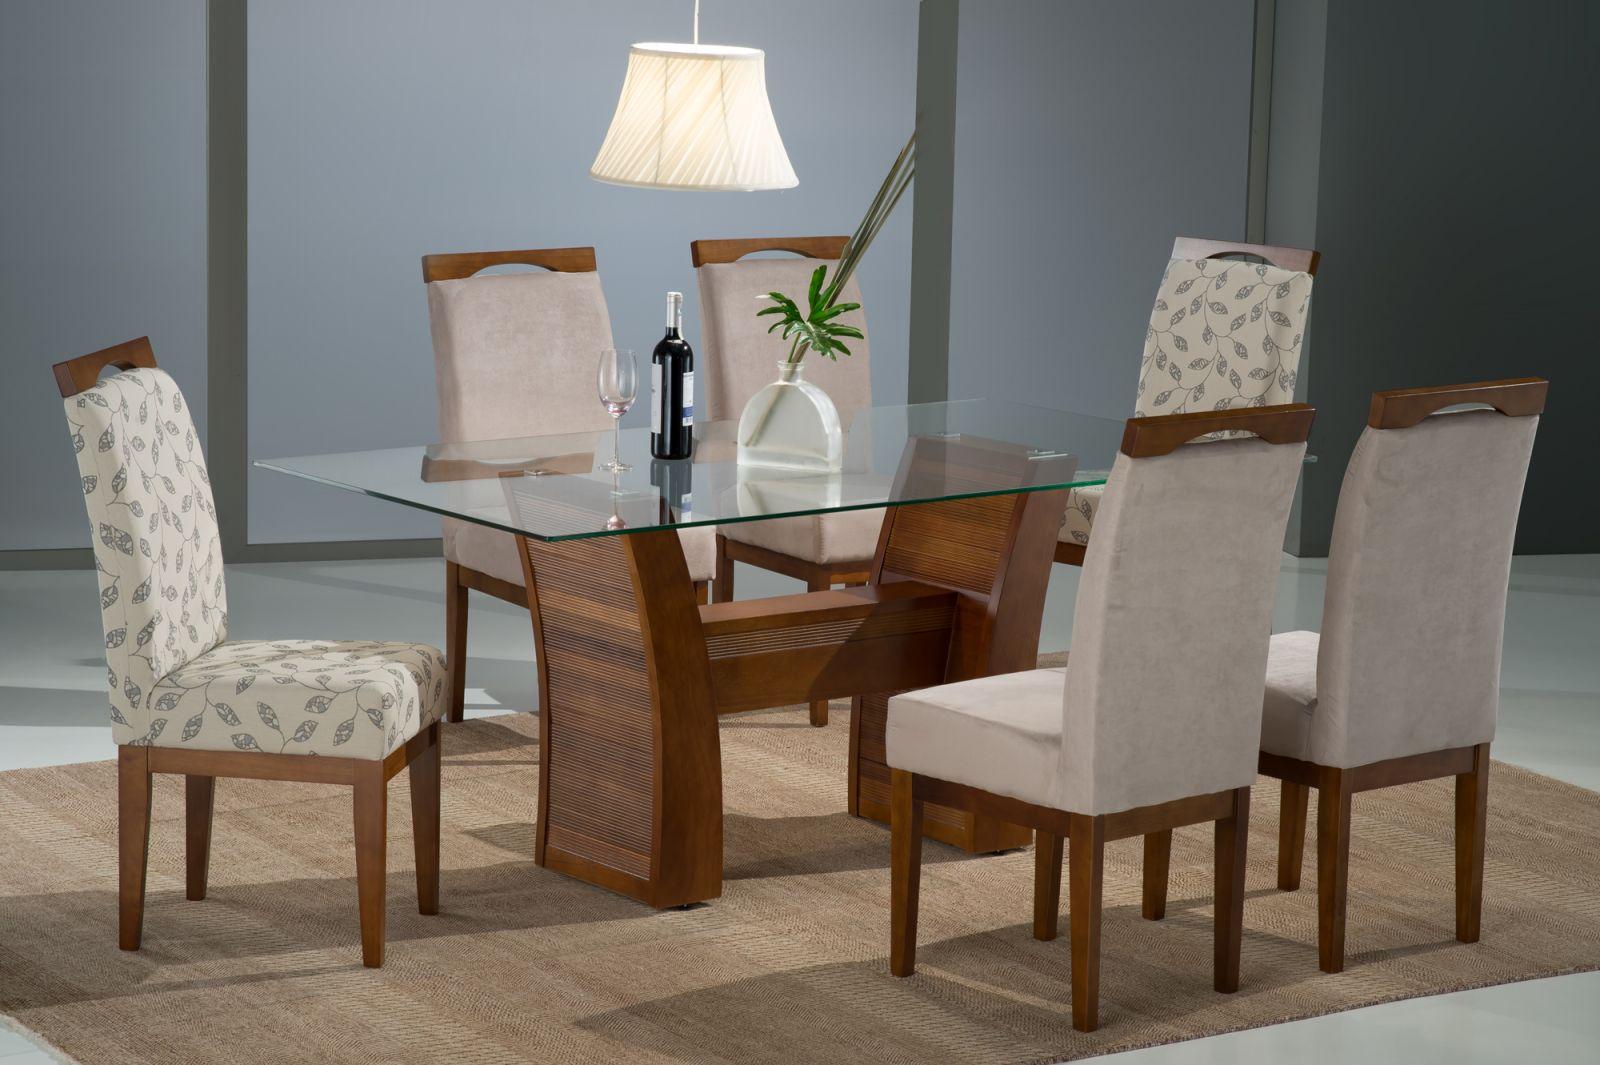 Sala De Jantar De Vidro Com Seis Cadeiras